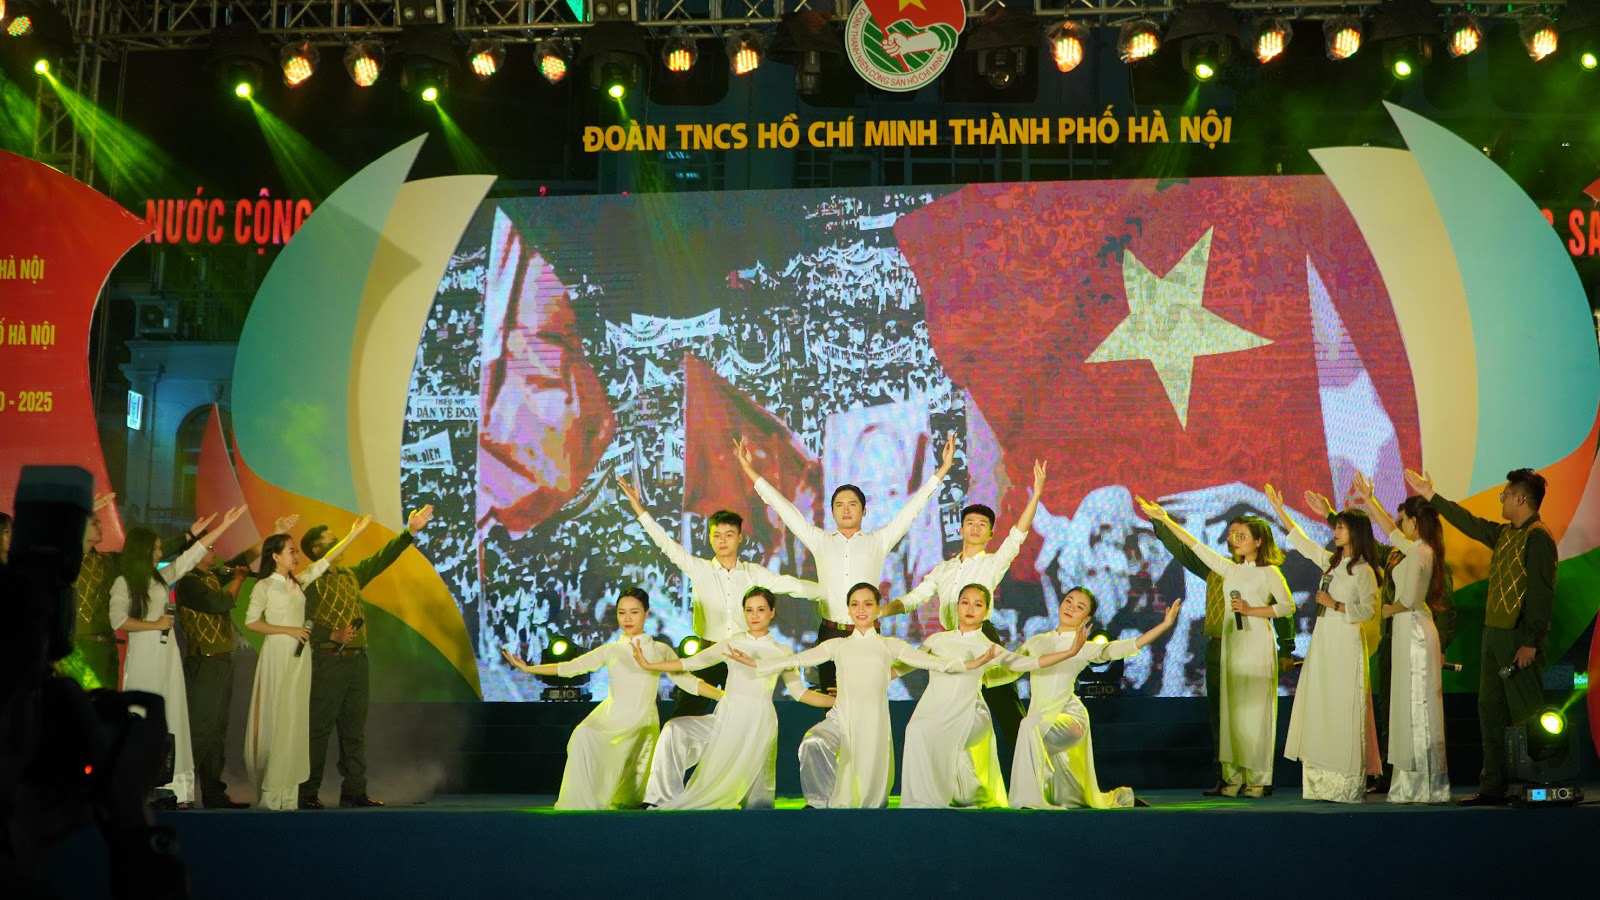 Chương trình nghệ thuật Tự hào Việt Nam năm 2020 gây ấn tượng với khán giả thủ đô - Ảnh 3.